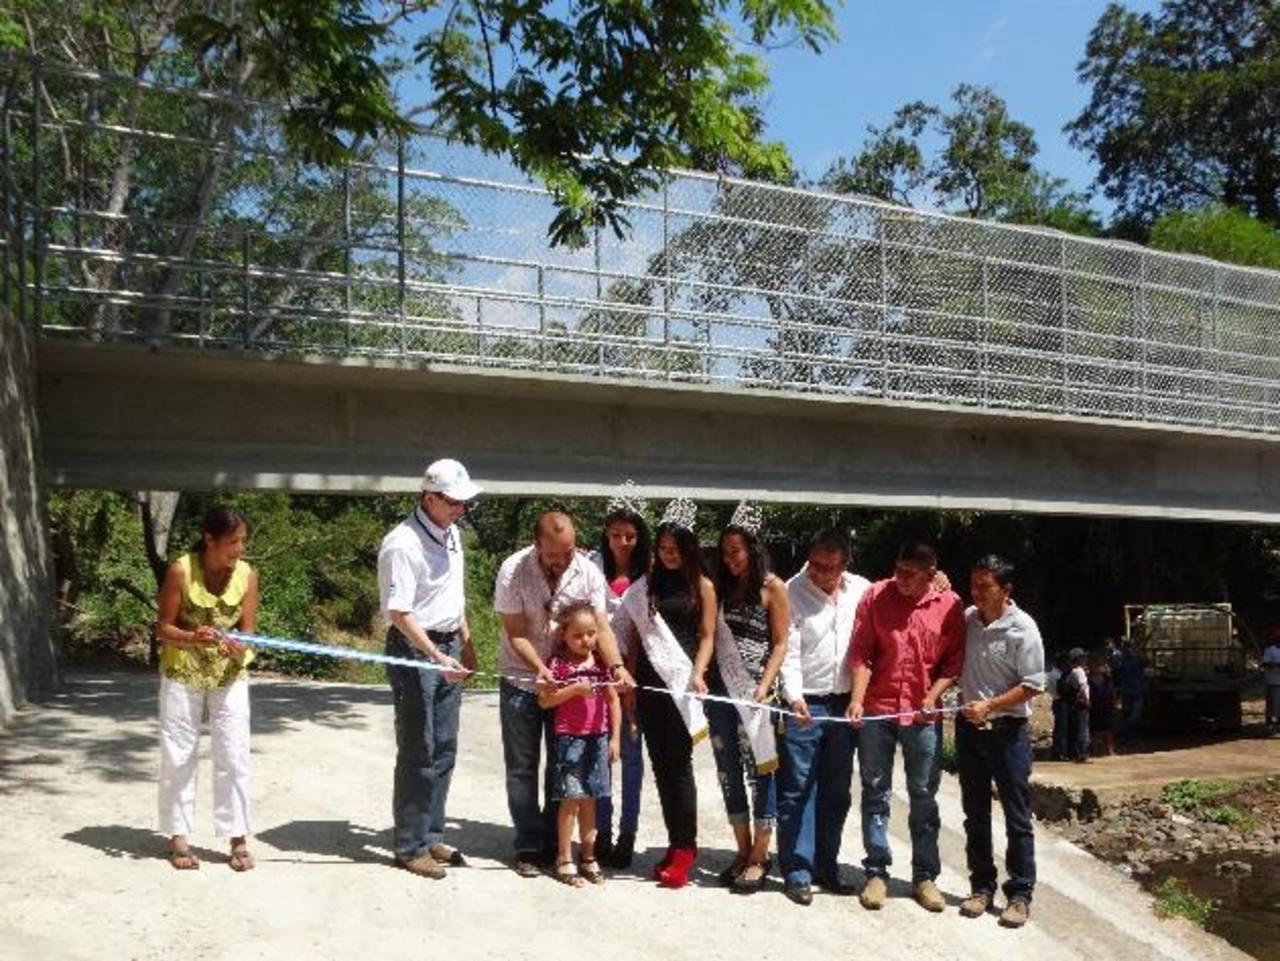 La estructura se construyó sobre el río Los Apantes, en la calle que conduce al cantón Peña Blanca. Foto EDH/ CORTESÍA